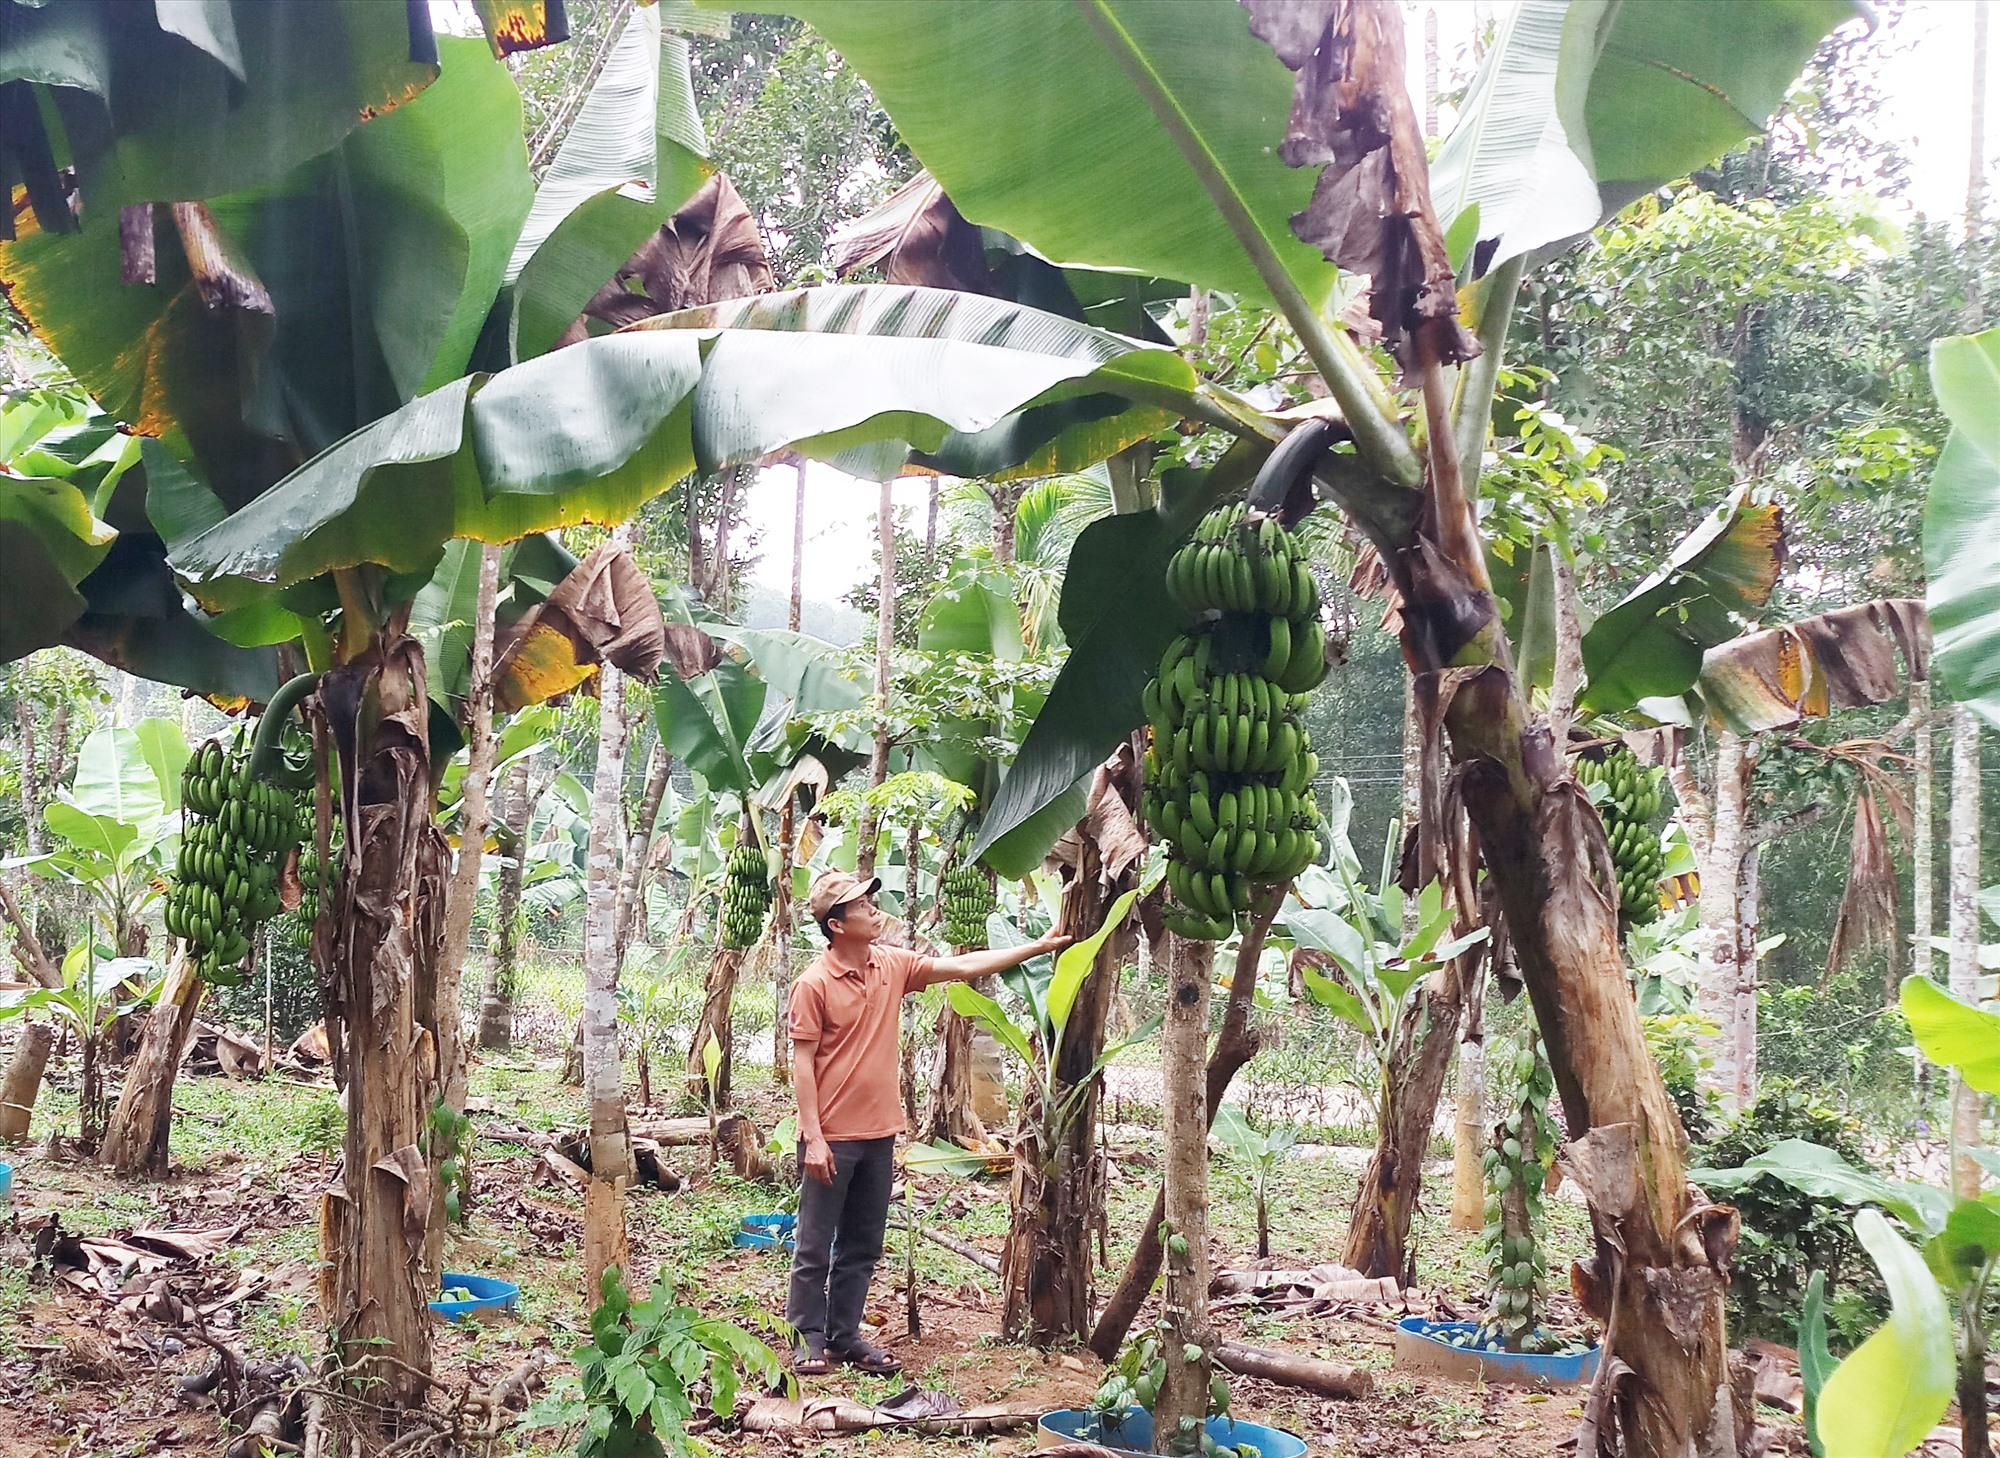 Trung bình mỗi ngày gia đình ông Lê Hồng Sơn thu về khoảng 500 - 700 nghìn đồng từ việc bán chuối mốc, chuối lùn cấy mô. Ảnh: HẰNG HƯNG